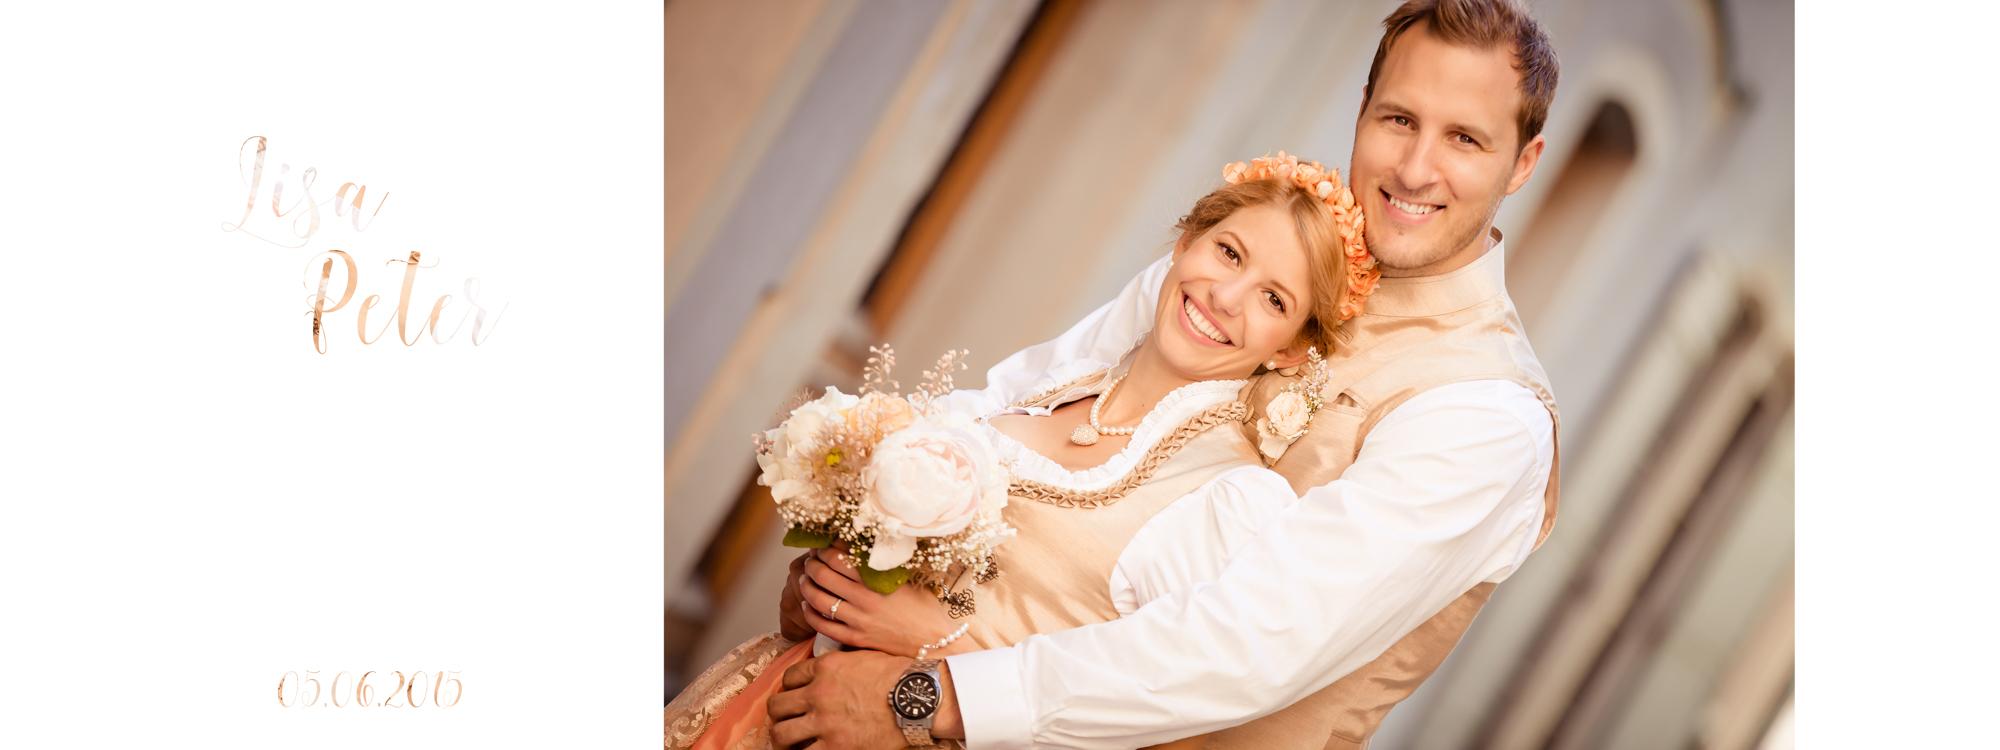 Hochzeitsbuch Lisa & Peter Seite 1